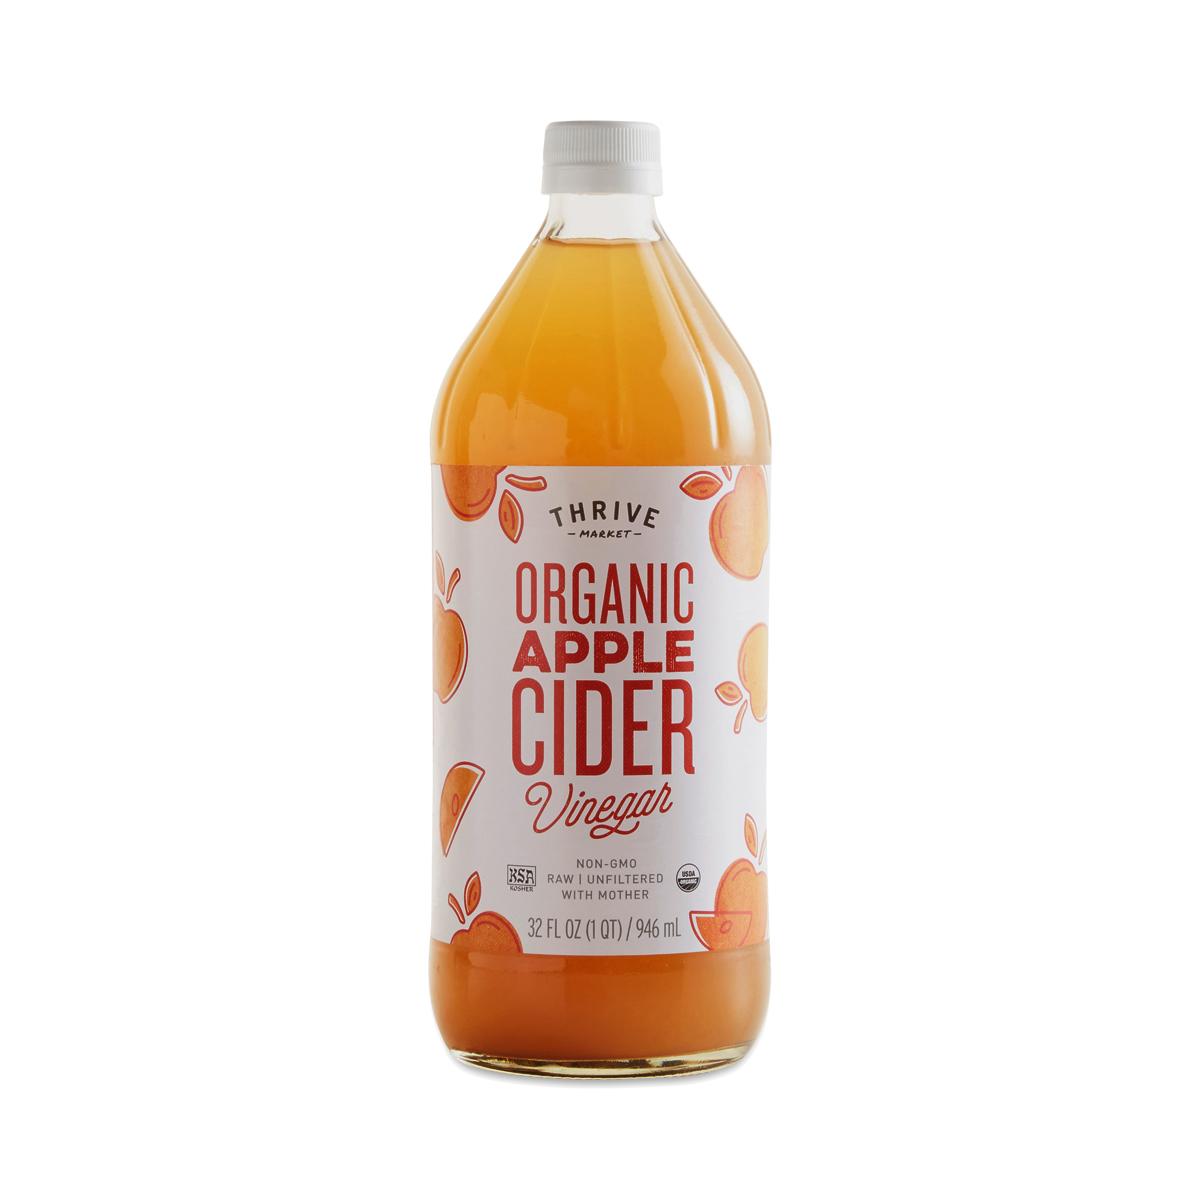 organic apple cider vinegar thrive market. Black Bedroom Furniture Sets. Home Design Ideas